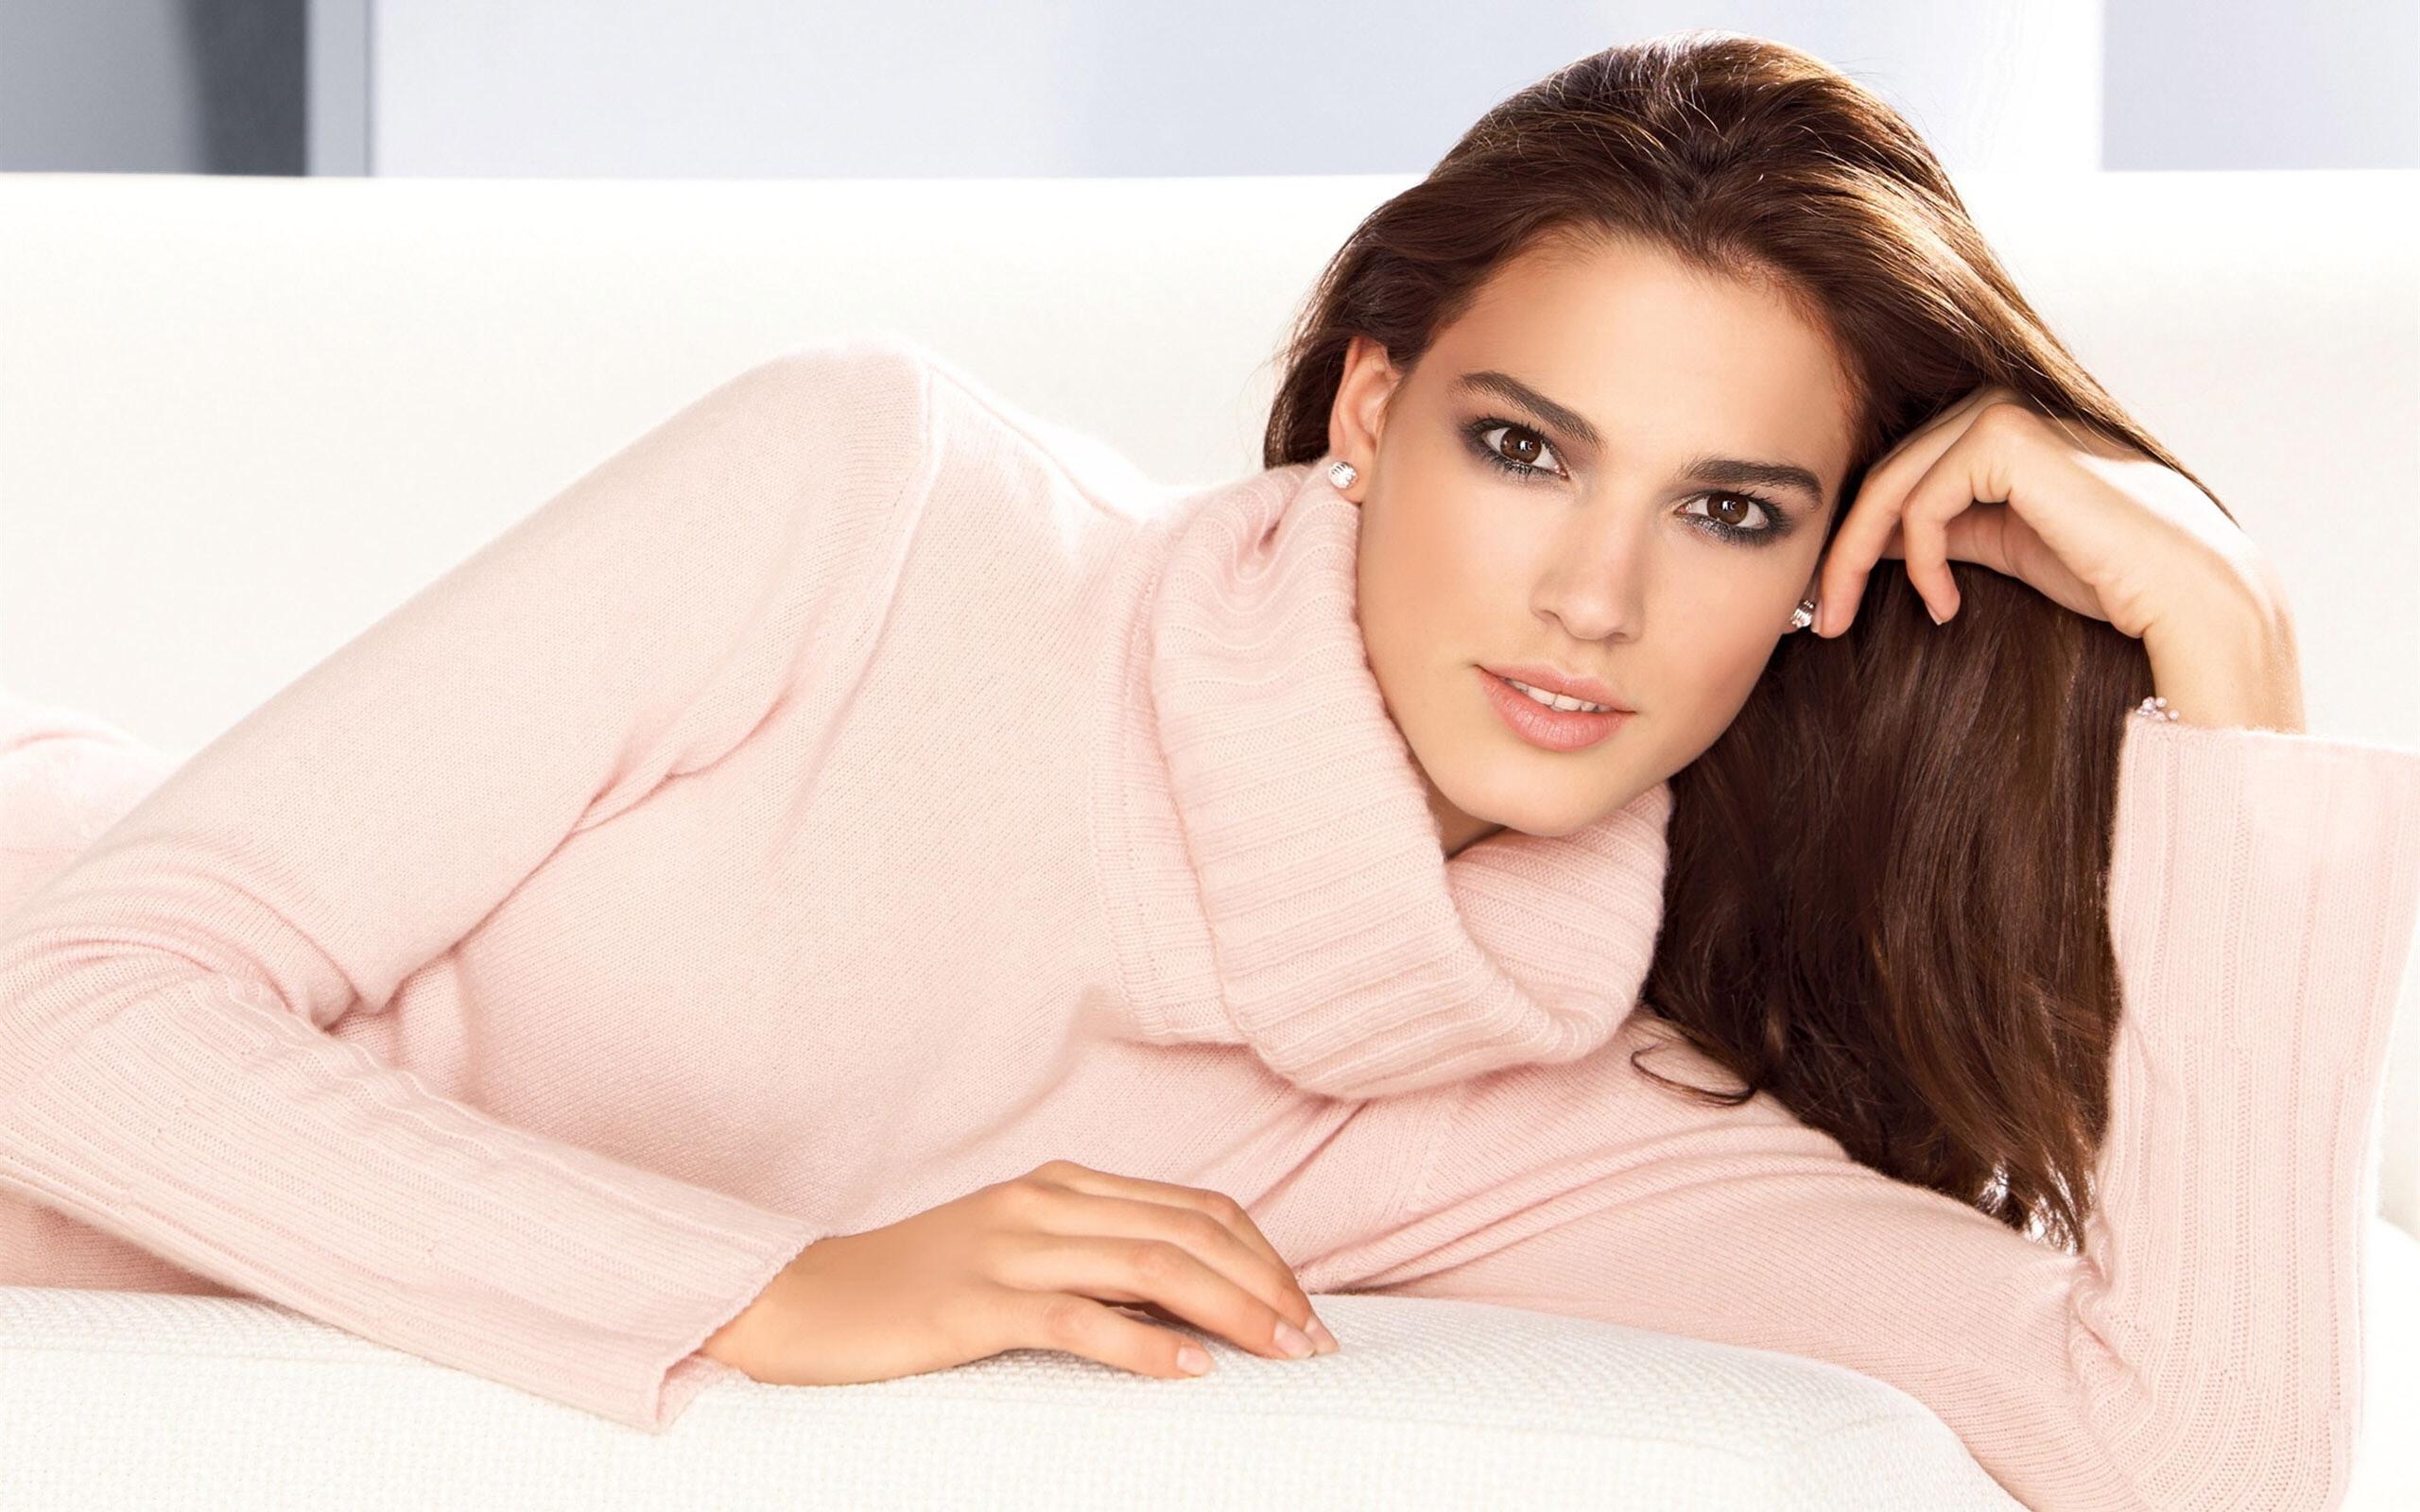 Розовая и симпатичная 10 фотография